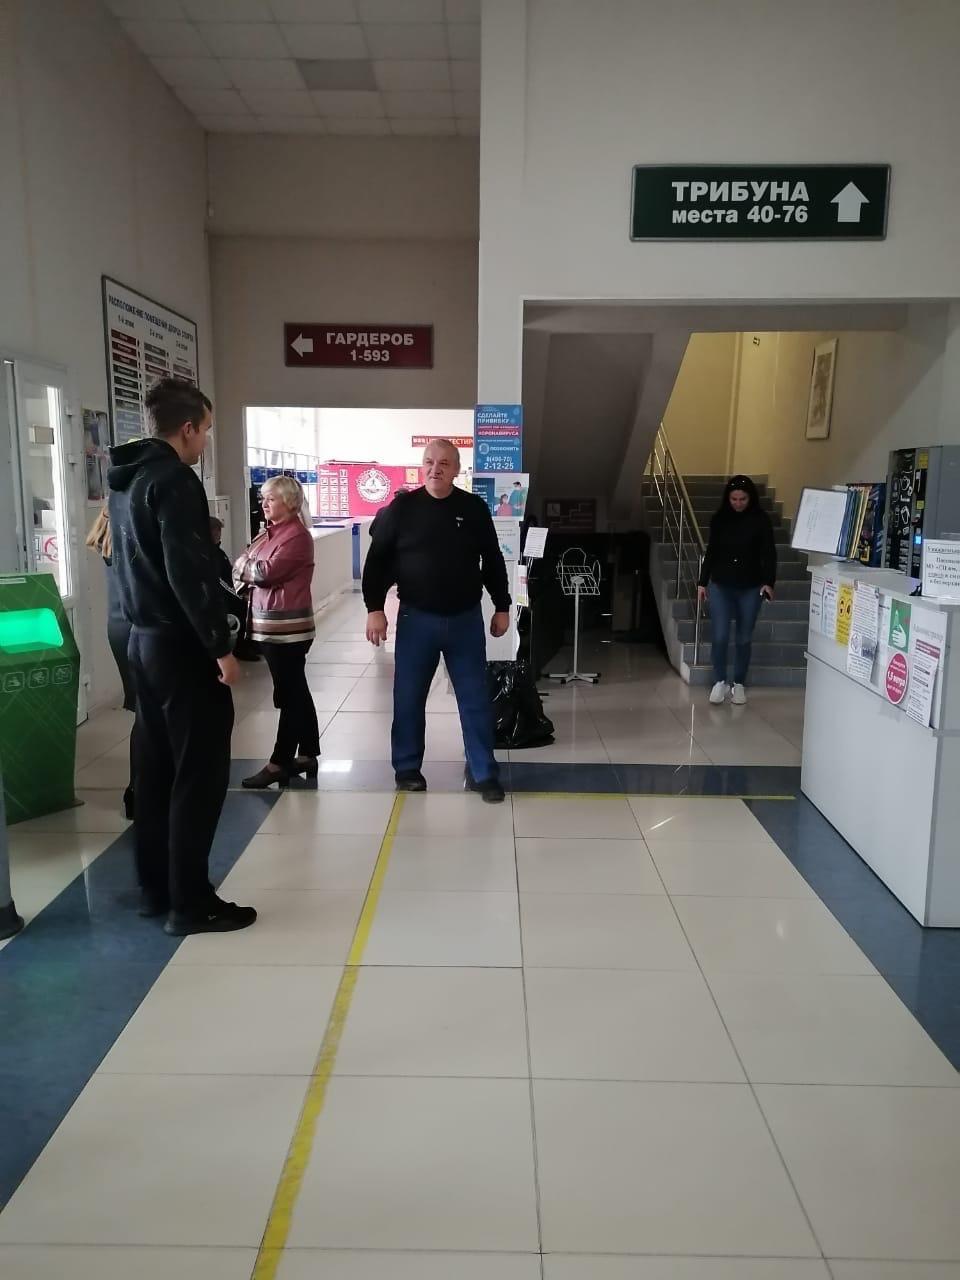 07 сентября на базе МБУ ФСО «СЦ им. А.Гринина» прошла Общеобластная тренировка по эвакуации и отработке навыков действий при возникновении пожаров и ЧС.